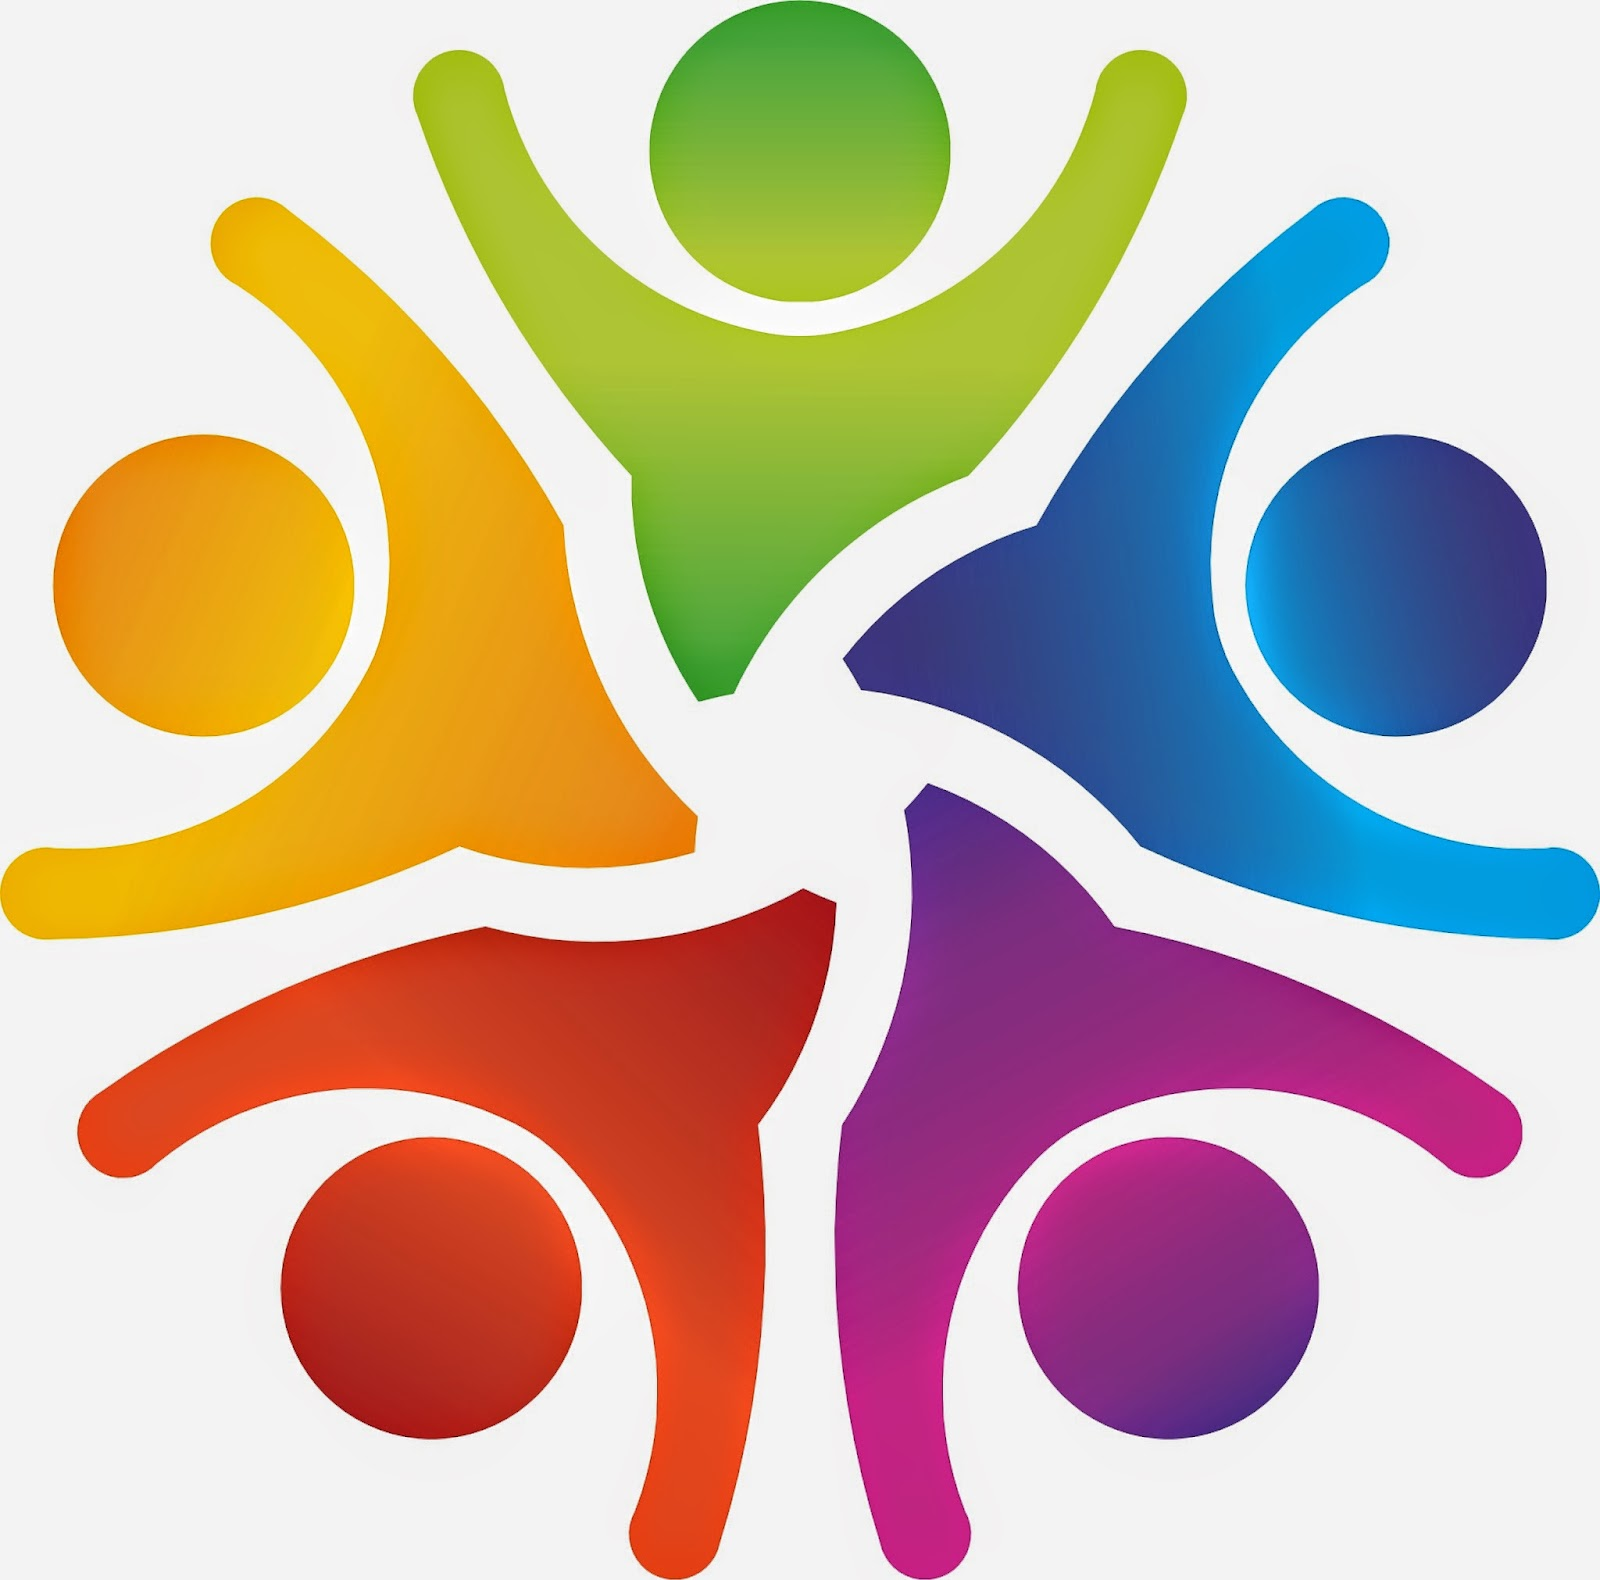 Vecteur clipart de main sur 201 cologie conscience image concept - Group 1 Cultural Networks Communal Life And Patterns Of Sustenance